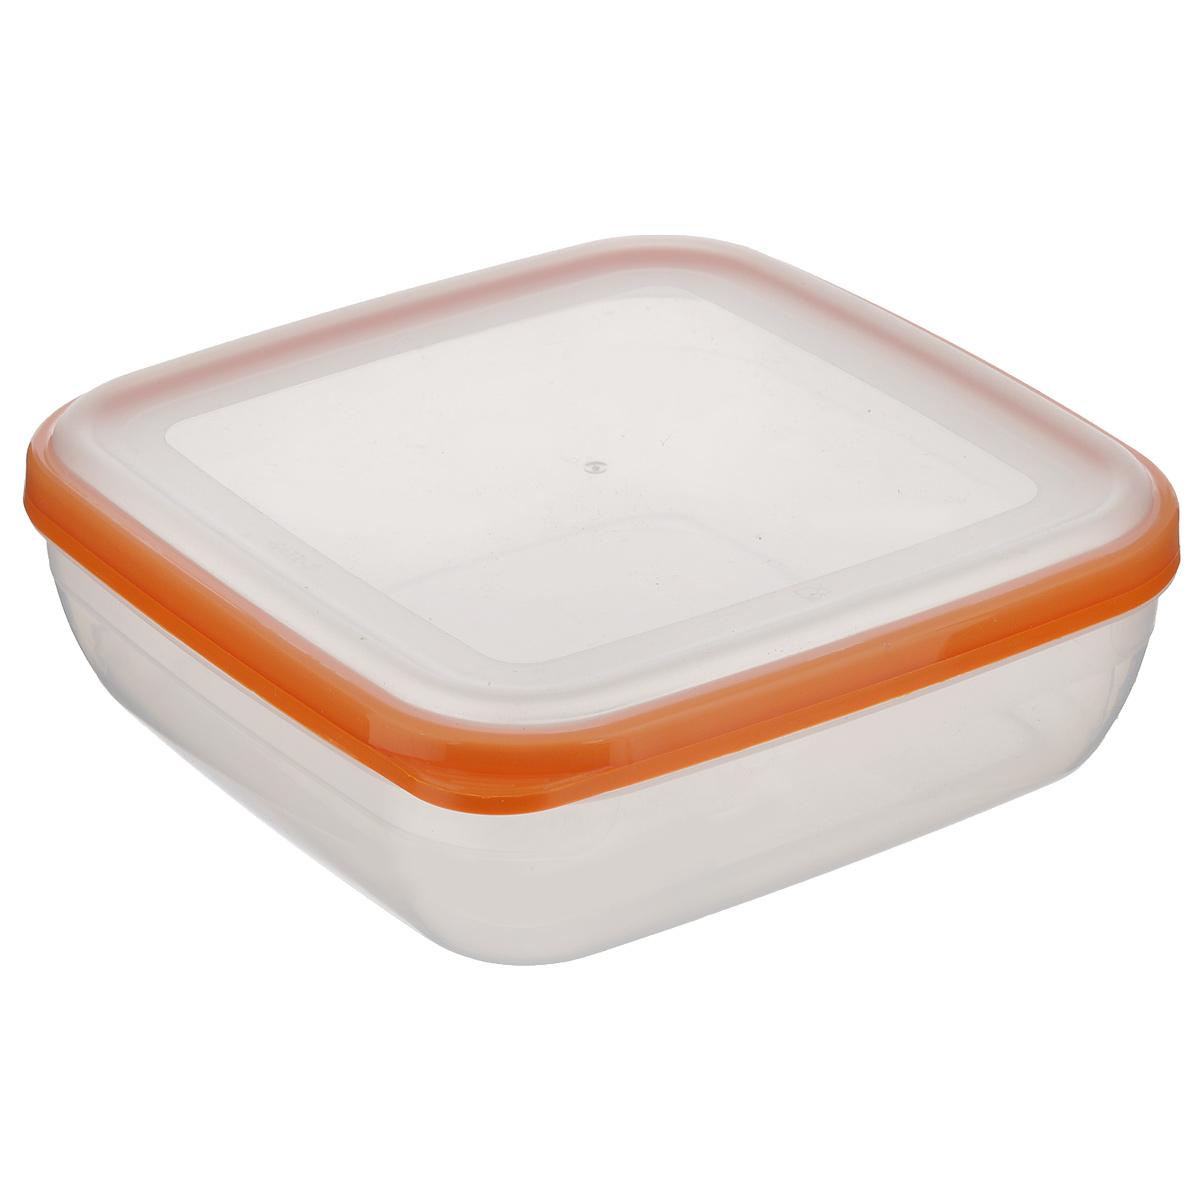 Контейнер для СВЧ Полимербыт Премиум, цвет: оранжевый, 1,7 лС566 оранжевыйКвадратный контейнер для СВЧ Полимербыт Премиум изготовлен из высококачественного прочного пластика, устойчивого к высоким температурам (до +110°С). Крышка плотно и герметично закрывается, дольше сохраняя продукты свежими и вкусными. Контейнер идеально подходит для хранения пищи, его удобно брать с собой на работу, учебу, пикник или просто использовать для хранения продуктов в холодильнике. Подходит для разогрева пищи в микроволновой печи и для заморозки в морозильной камере (при минимальной температуре -40°С). Можно мыть в посудомоечной машине.